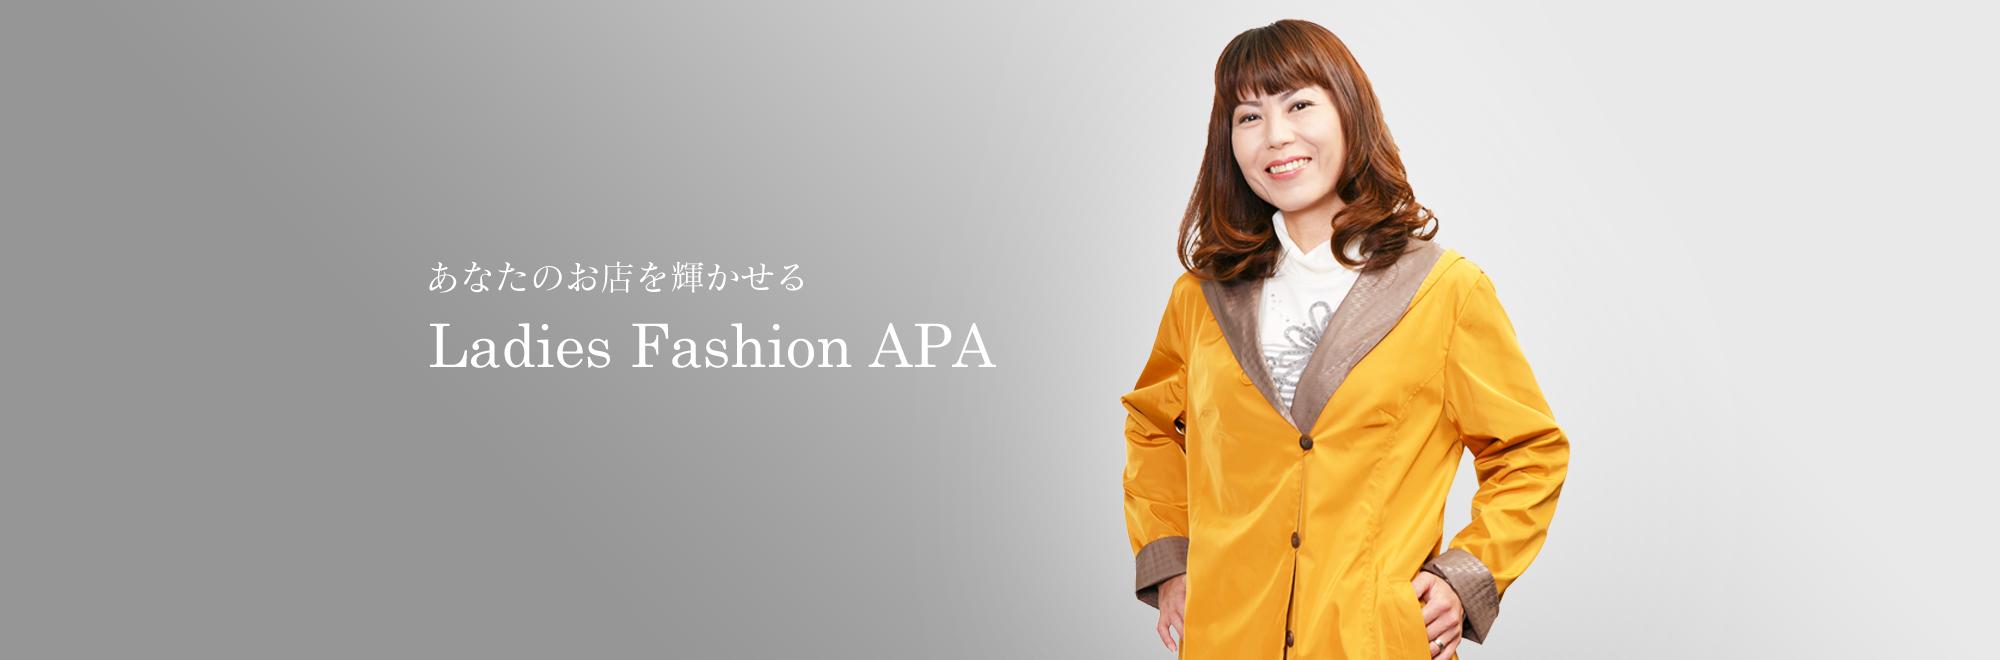 あなたのお店を輝かせる Ladies Fashion APA。